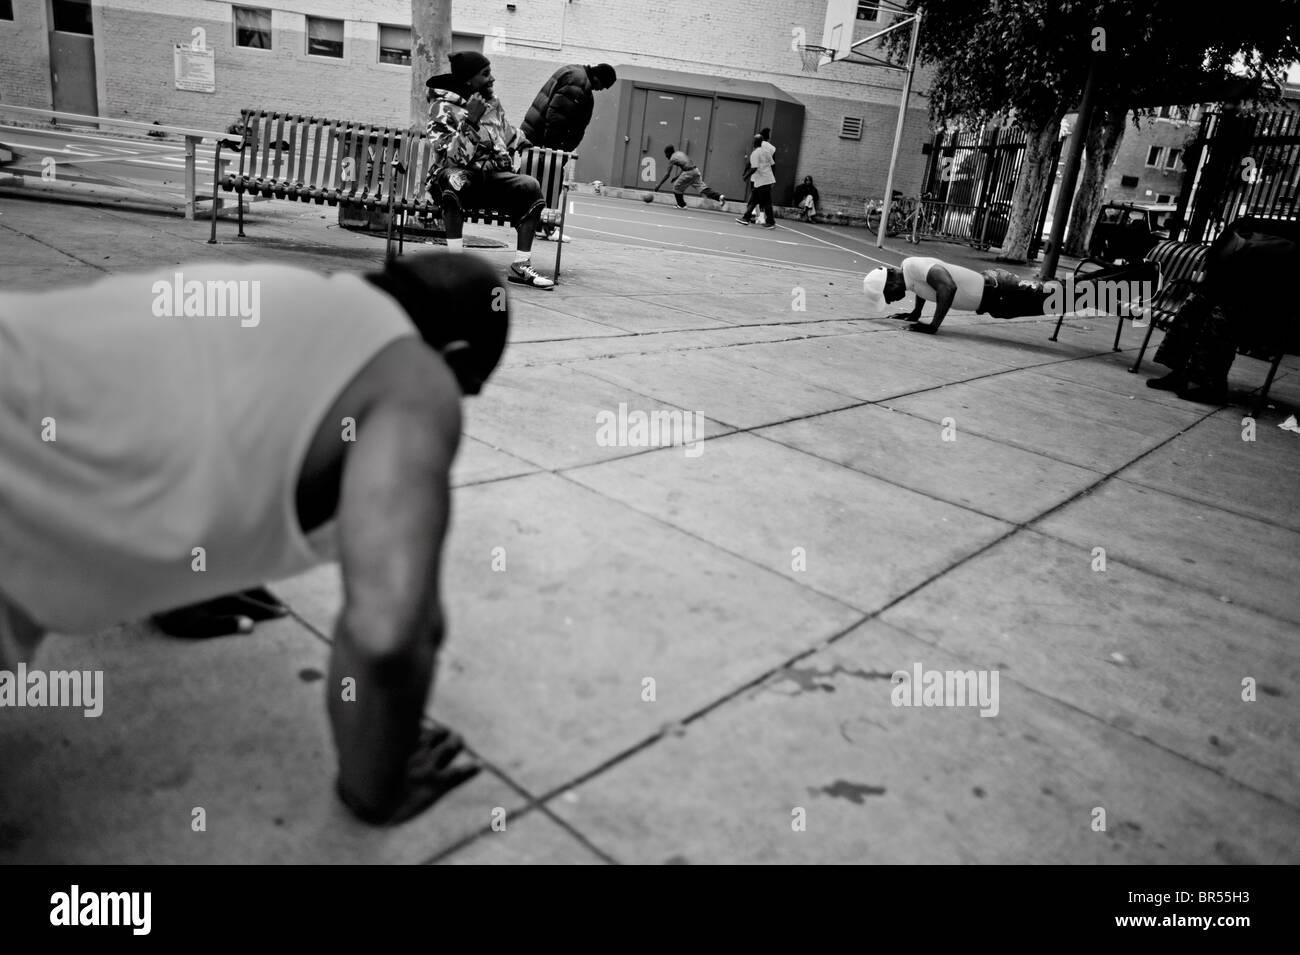 Personas sin Hogar en la zona de Skid Row de Los Angeles, California. Foto de stock